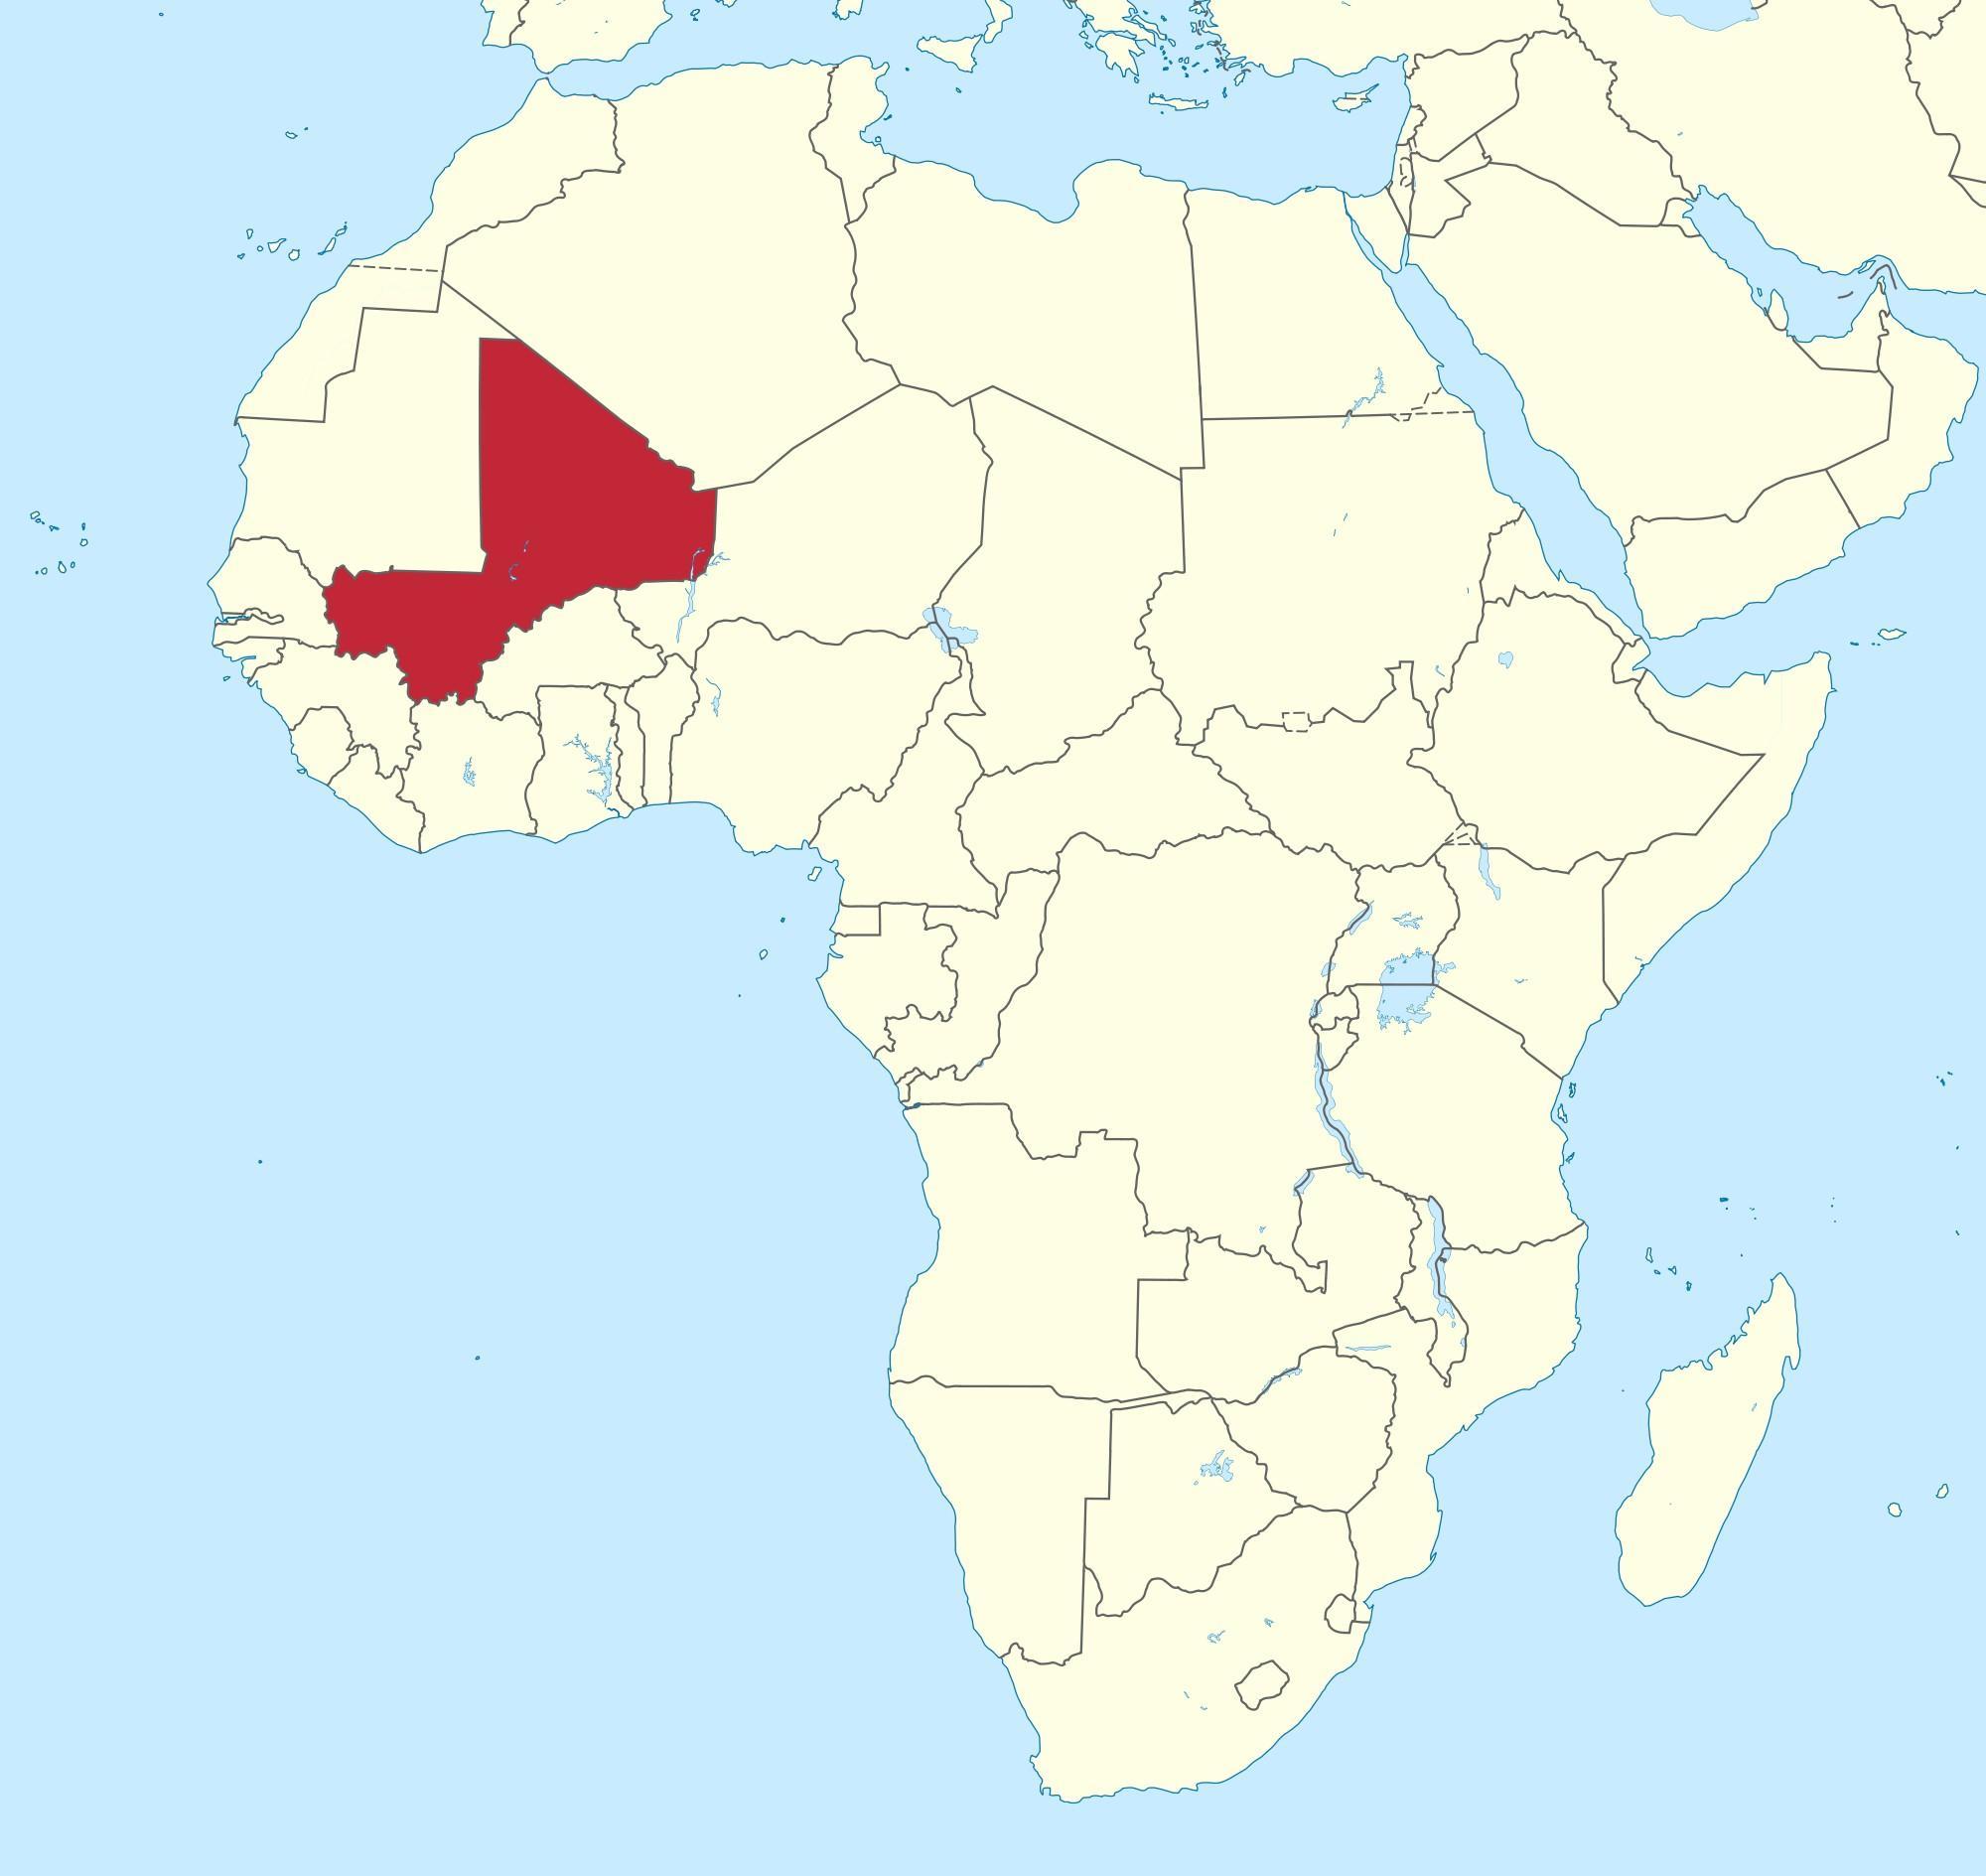 Le Mali sur la carte du monde - Mali localisation sur une carte du monde (Afrique de l'Ouest ...